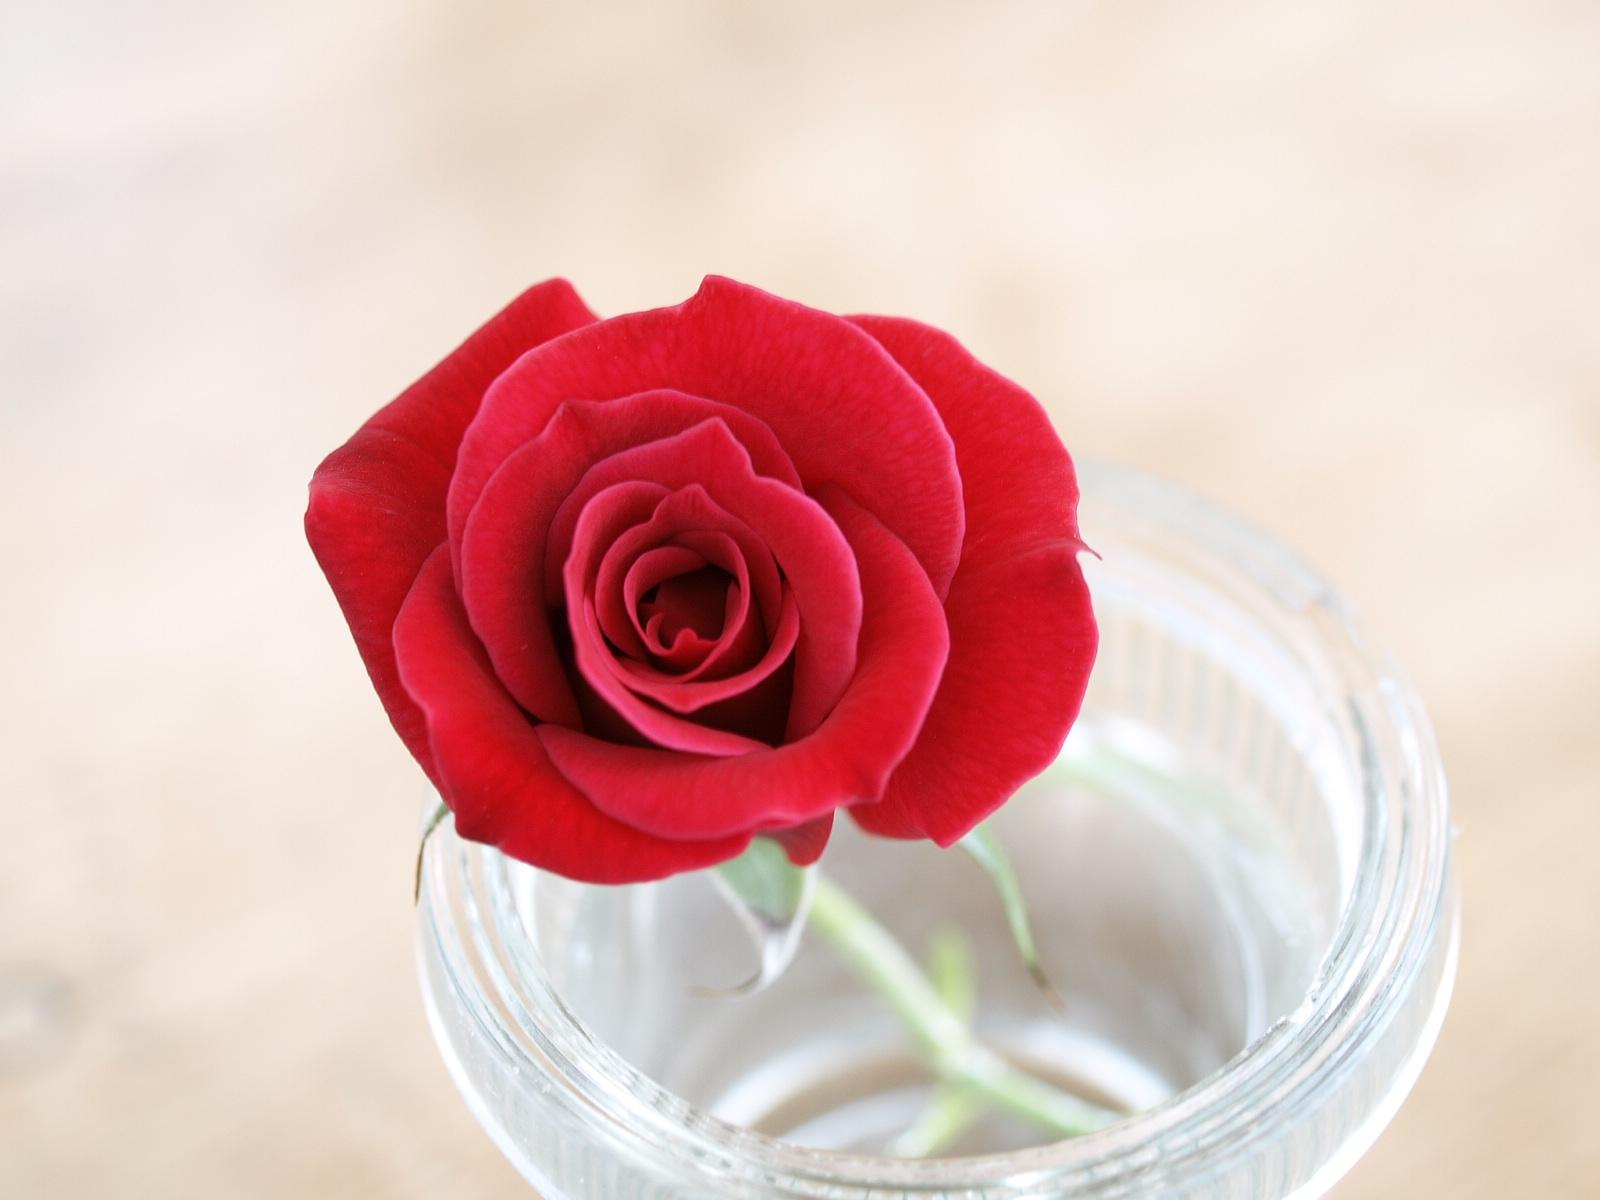 真っ赤なルージュのようなバラ・キャラミア。_c0334705_22191220.jpg